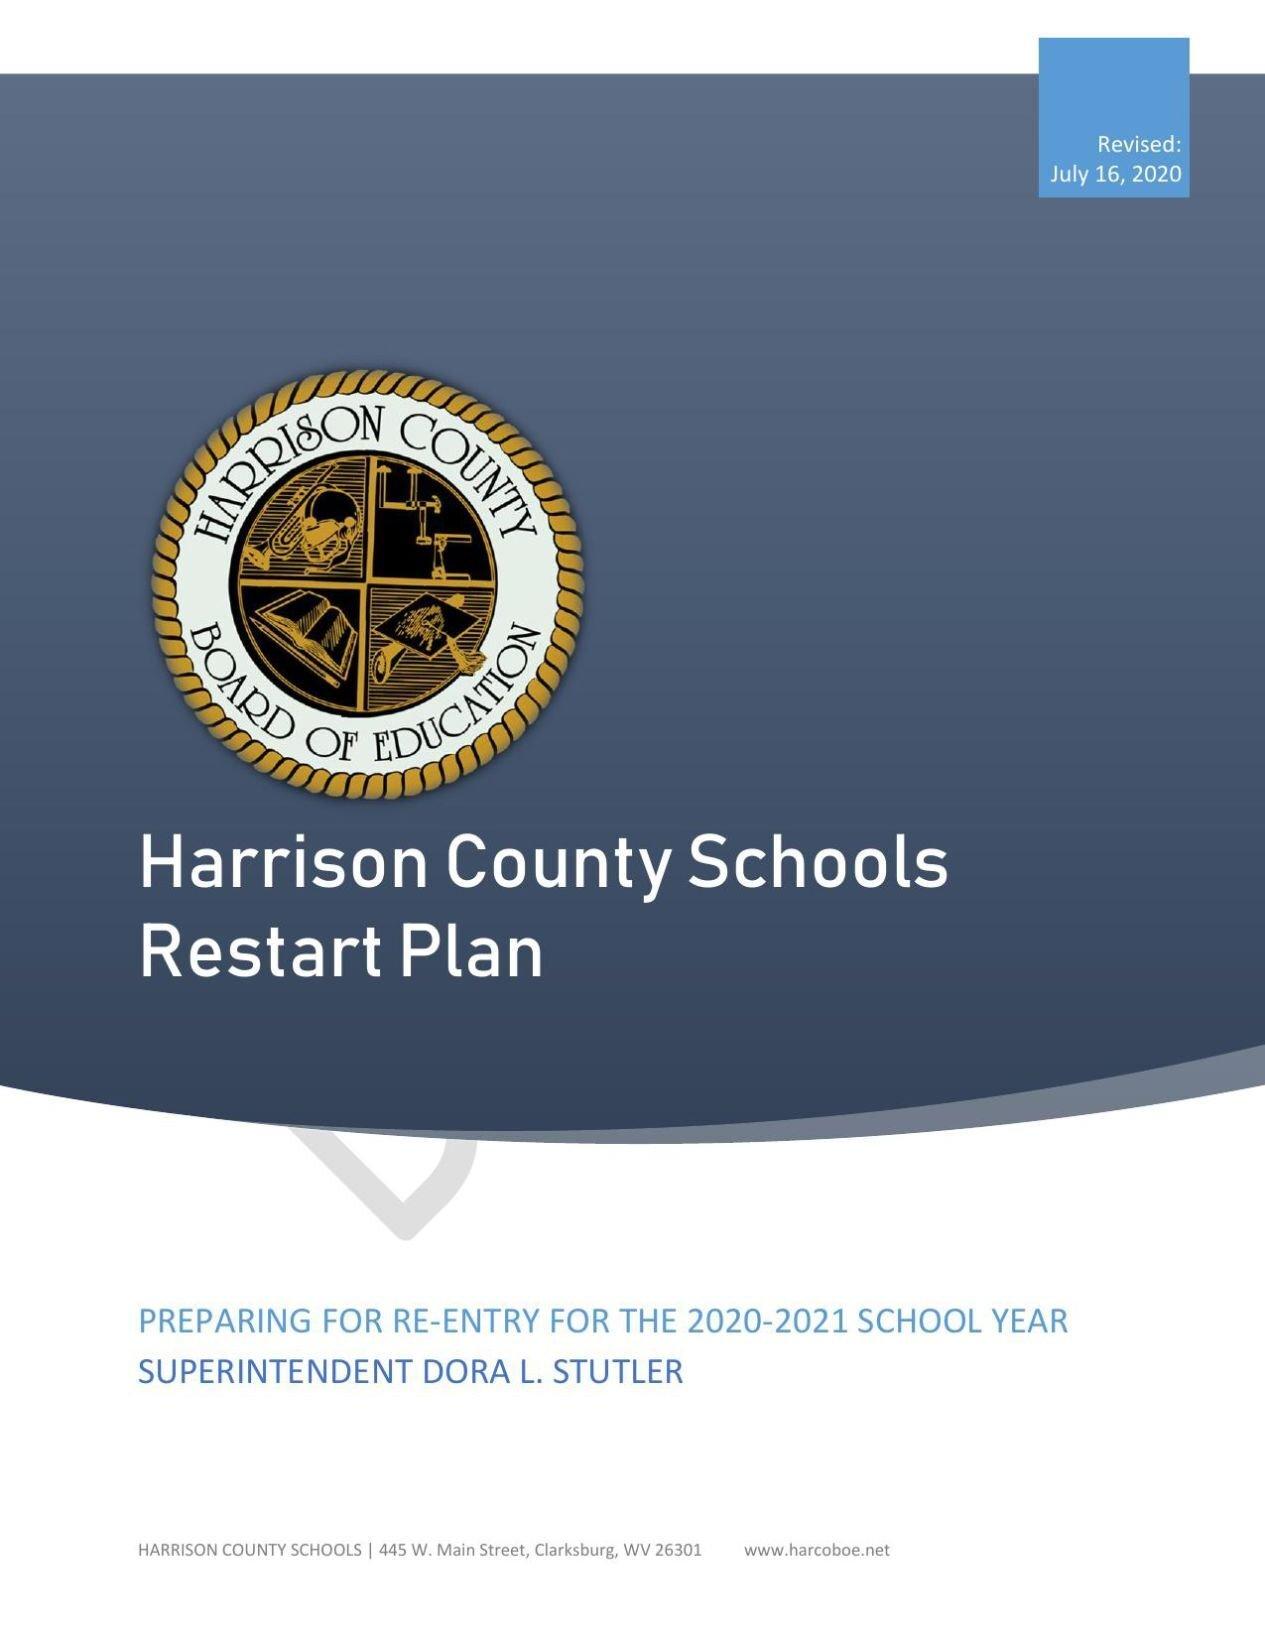 Harrison County Schools Restart Plan